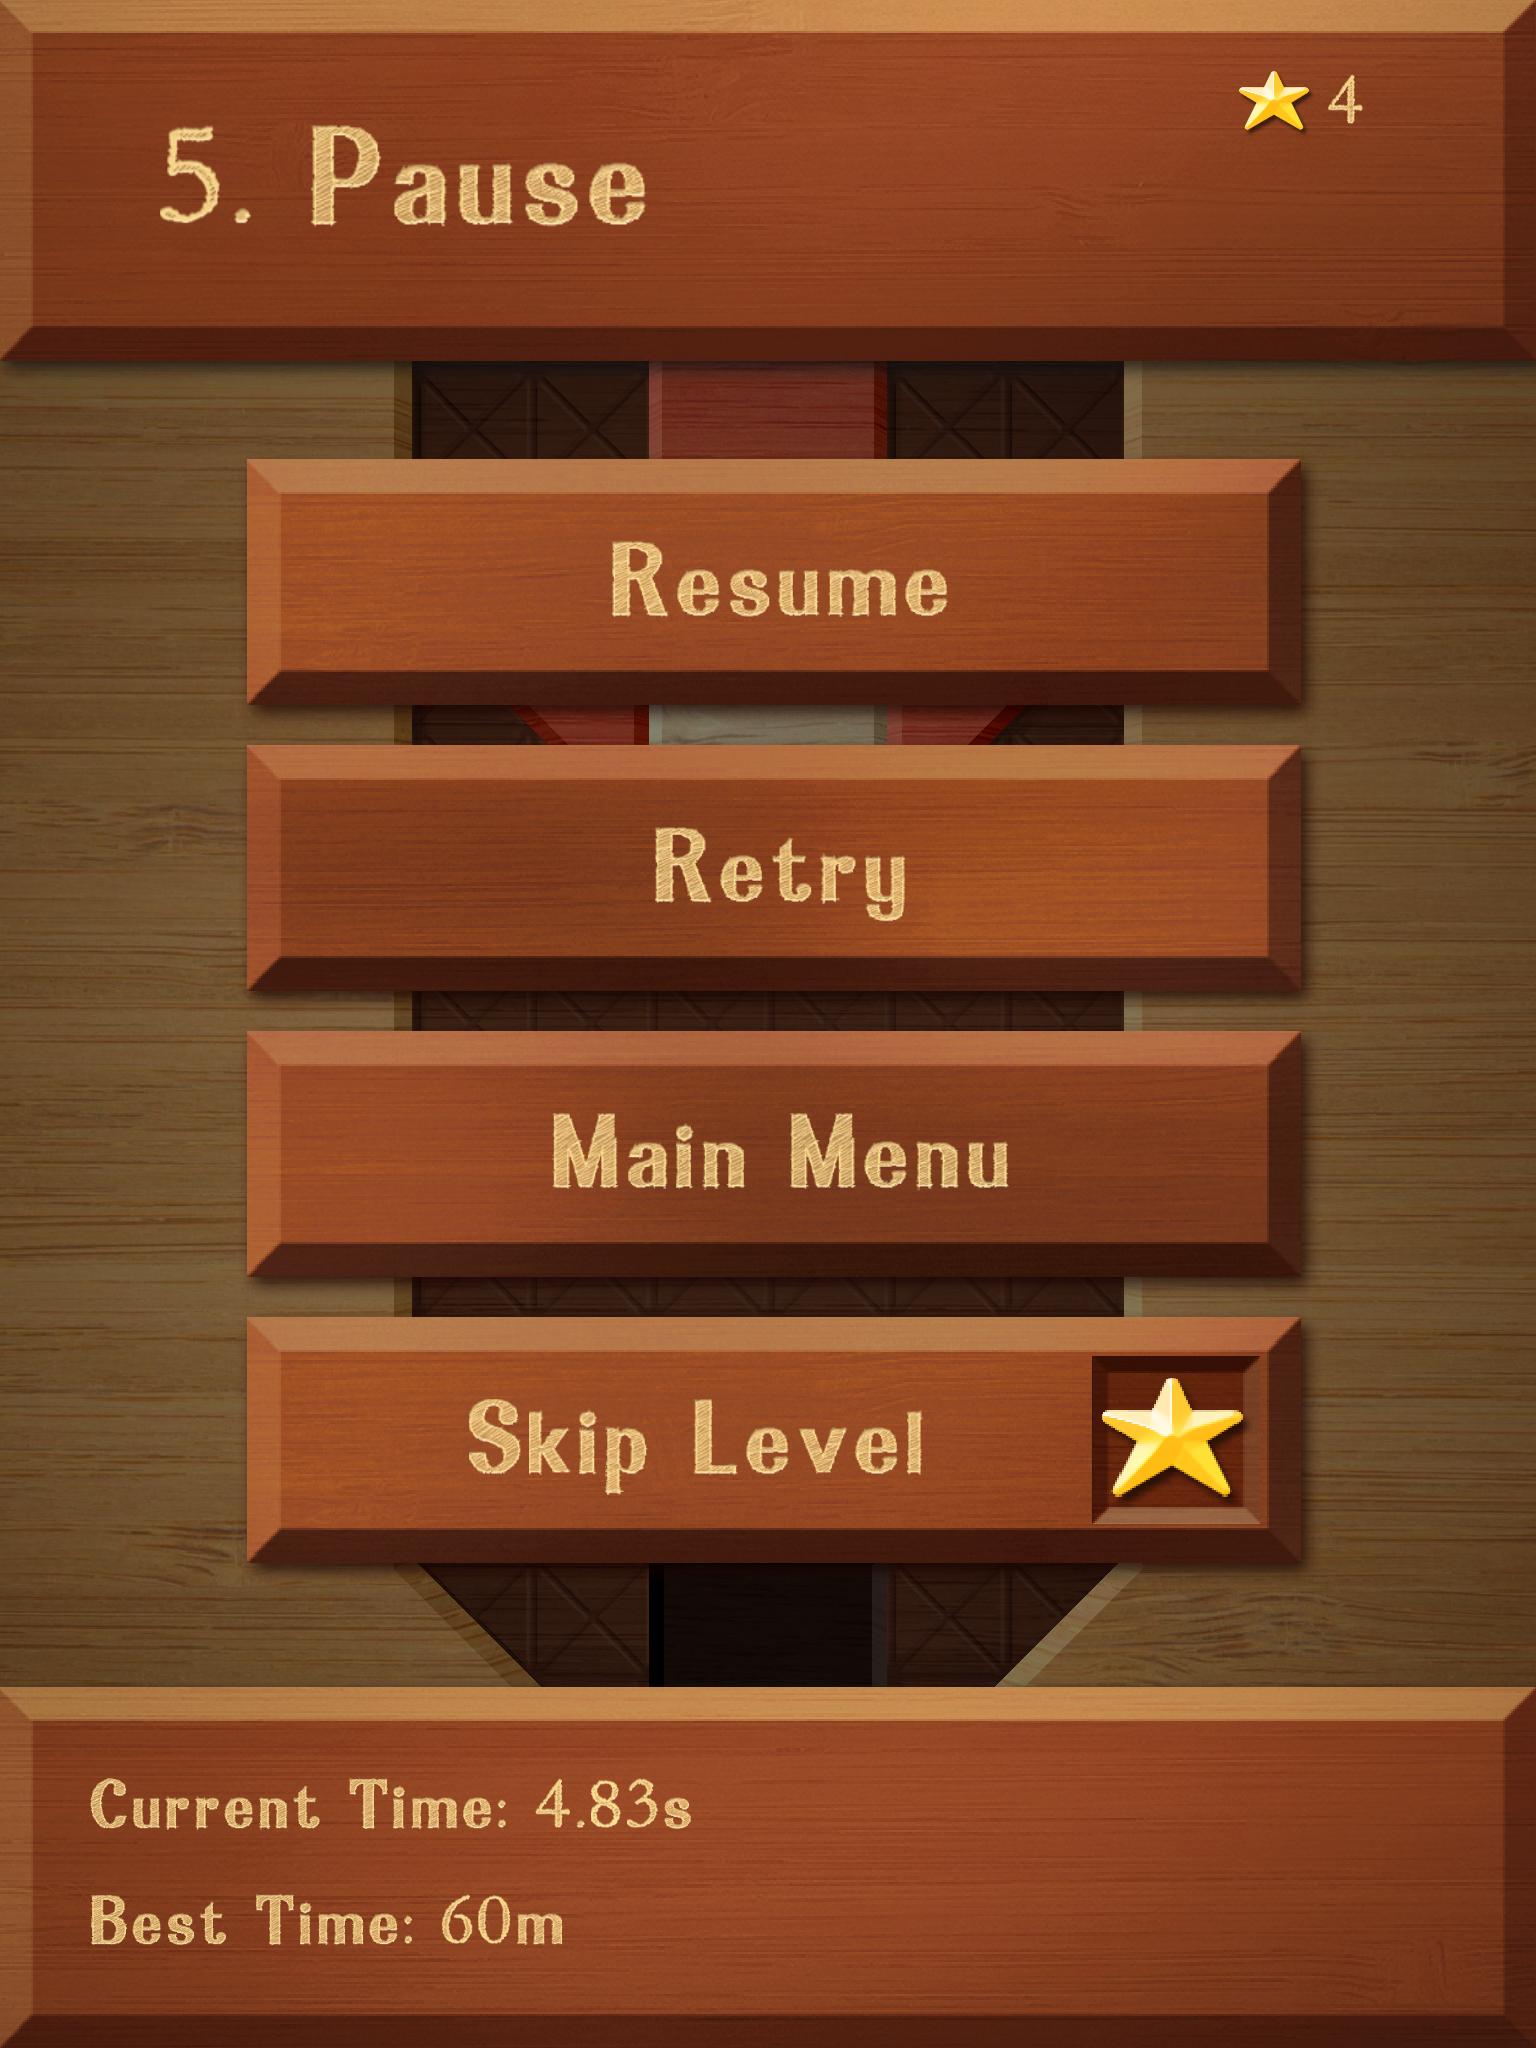 Pause Menu - mobile games UI/UX design, mobile games